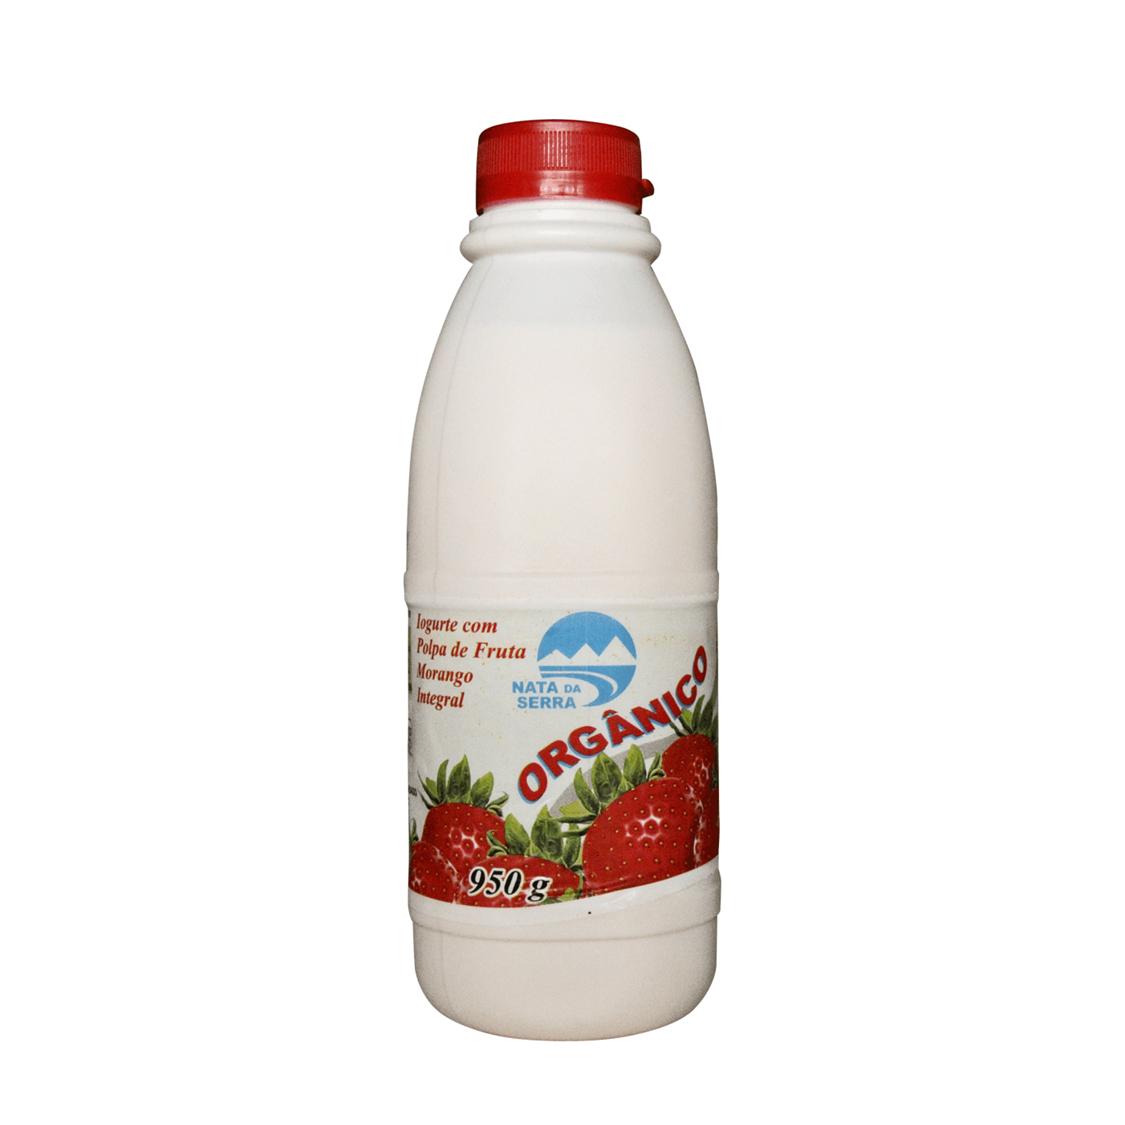 Iogurte Morango (950g) – Nata da Serra